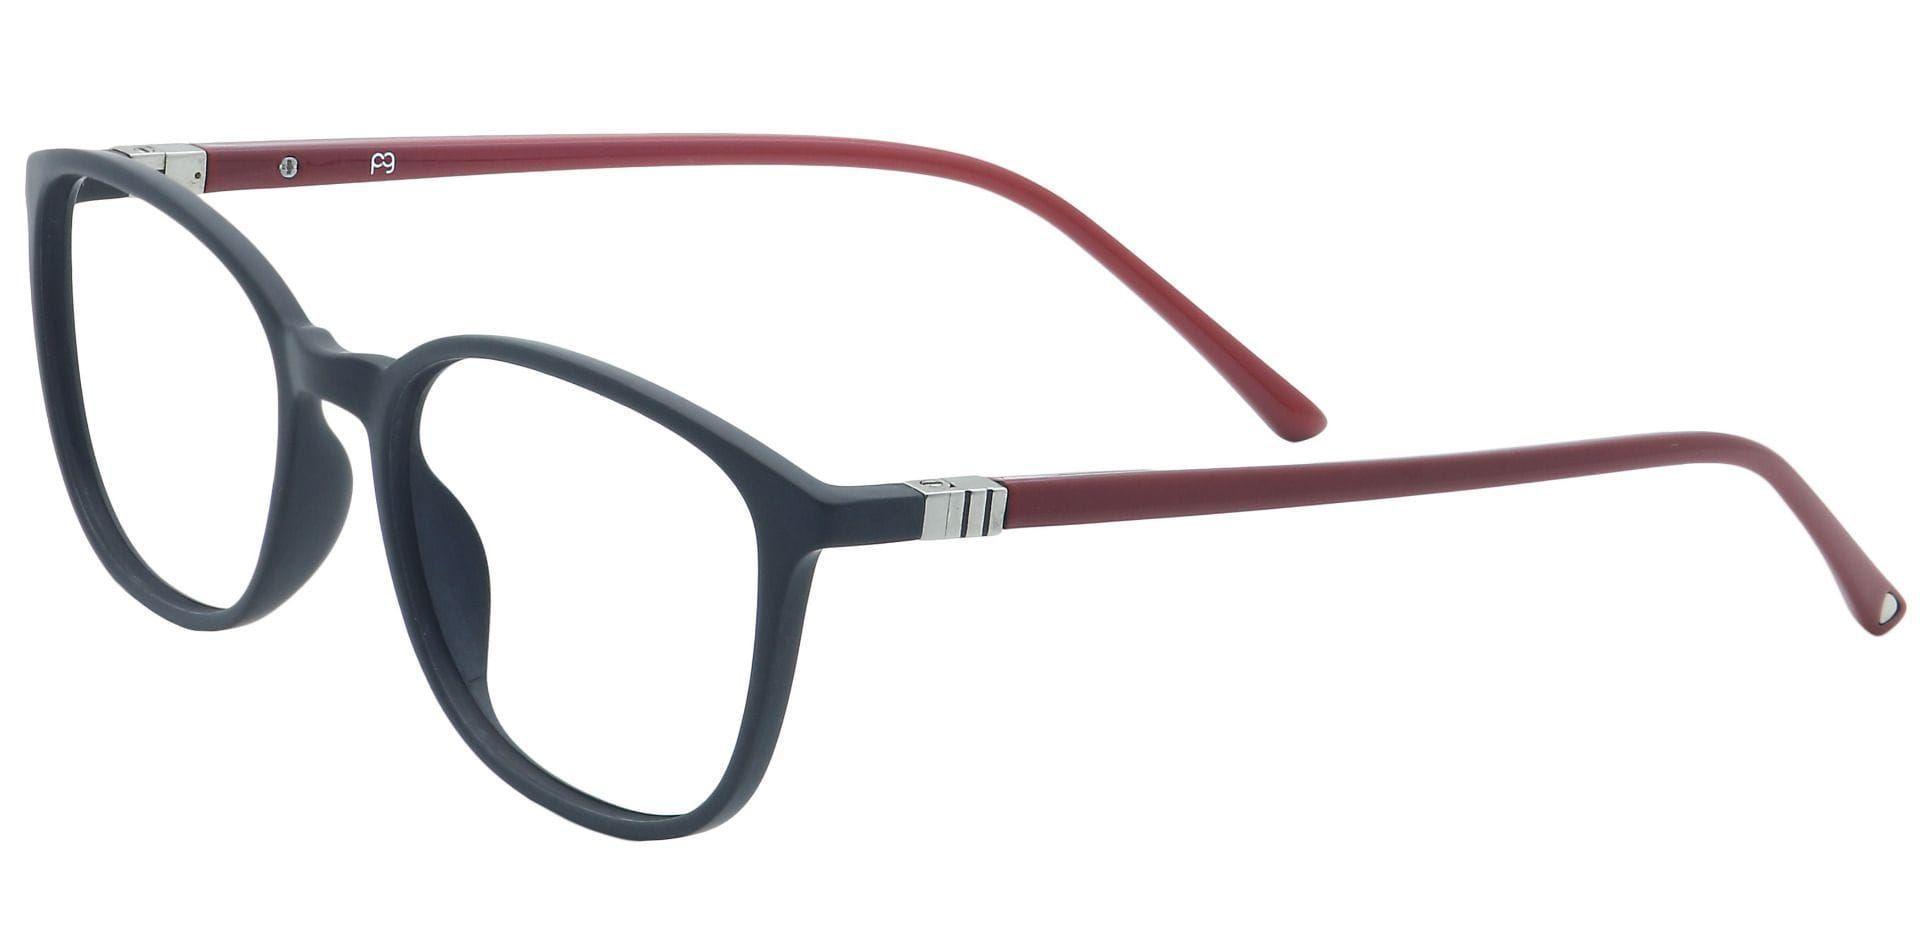 Karleen Oval Blue Light Blocking Glasses - Black